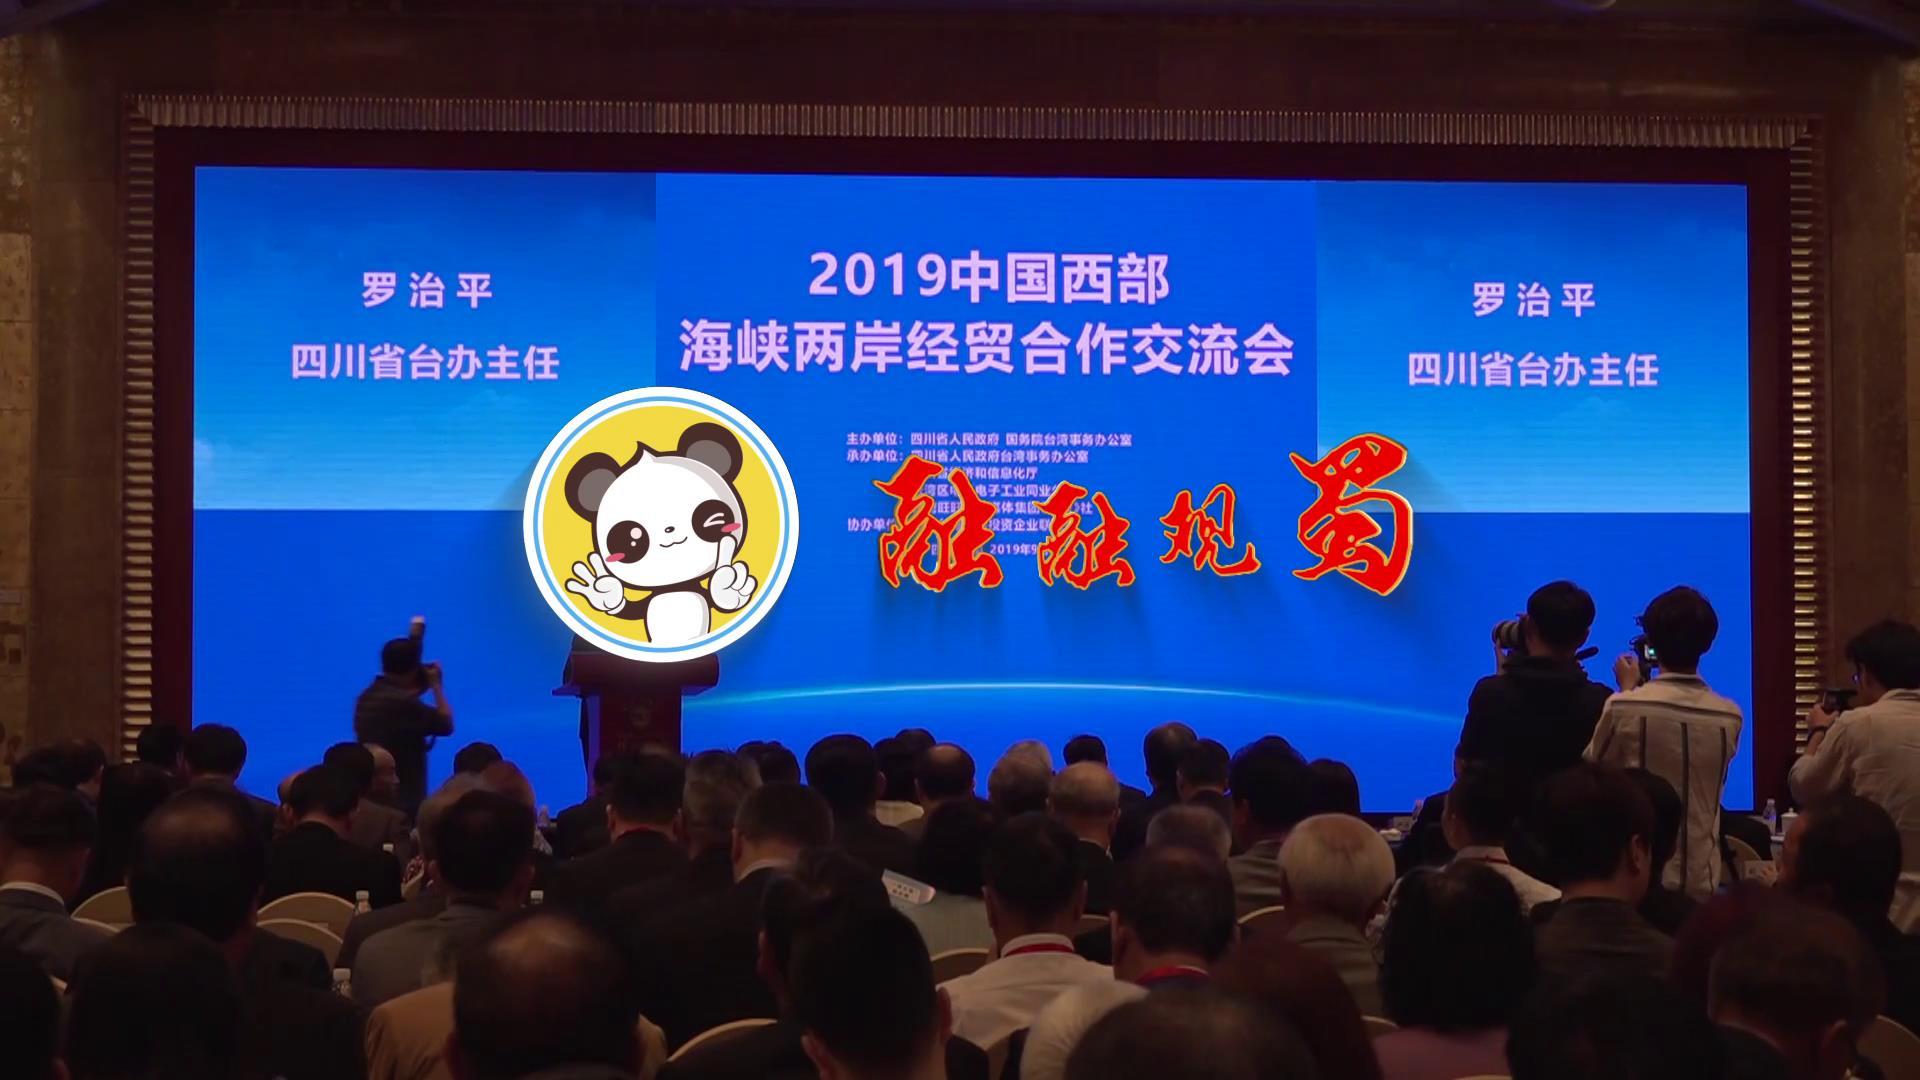 2019中国西部海峡两岸经贸合作交流会在四川举行图片